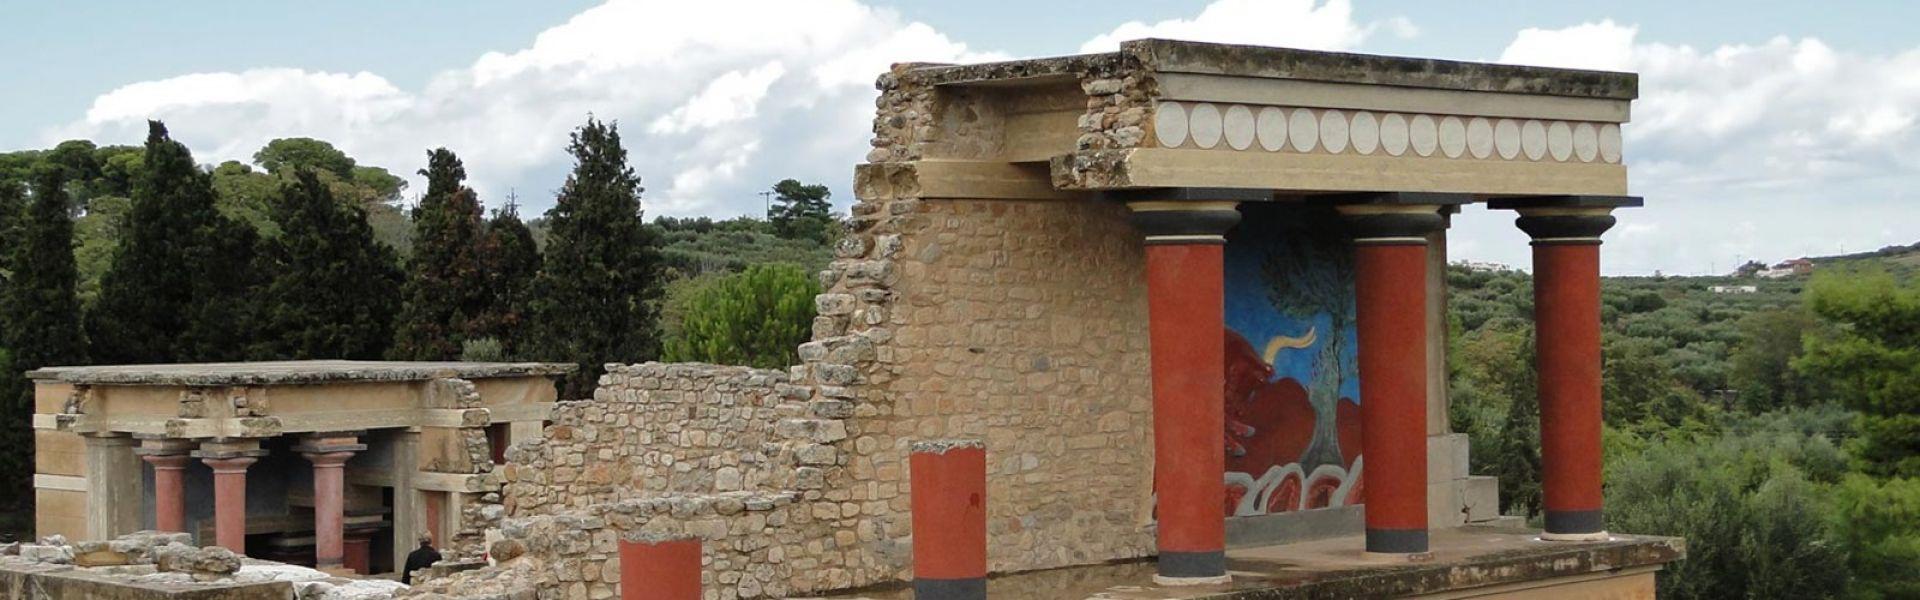 Knossos palace - Heraklion city